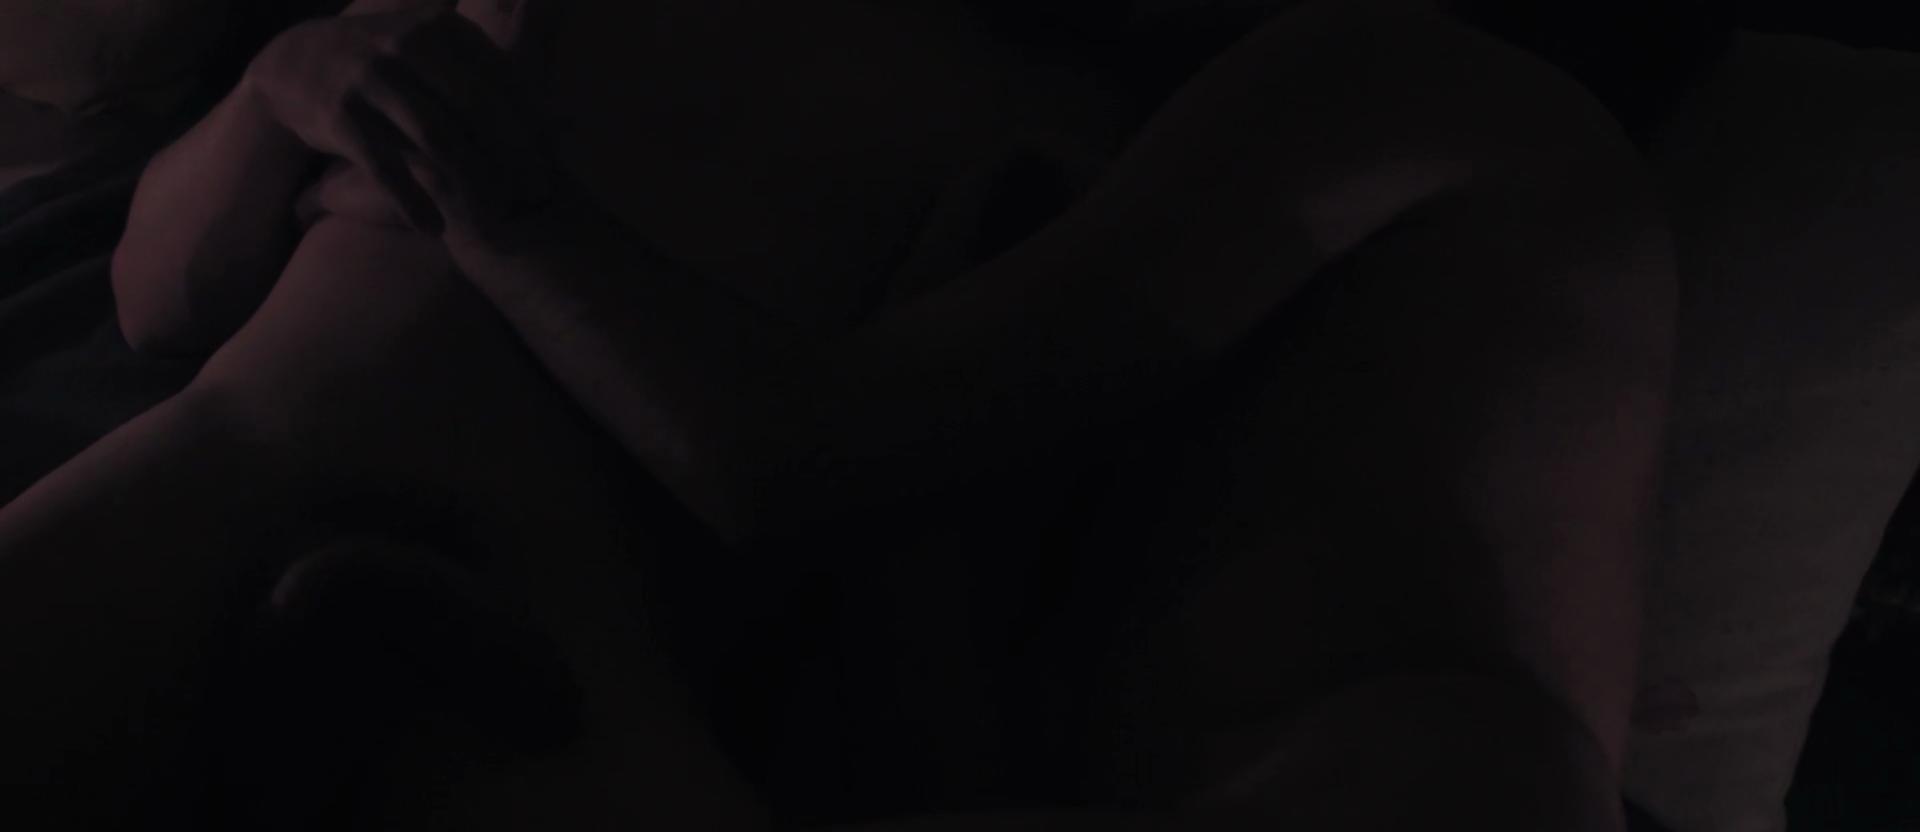 vlcsnap-2017-02-28-22h44m26s027